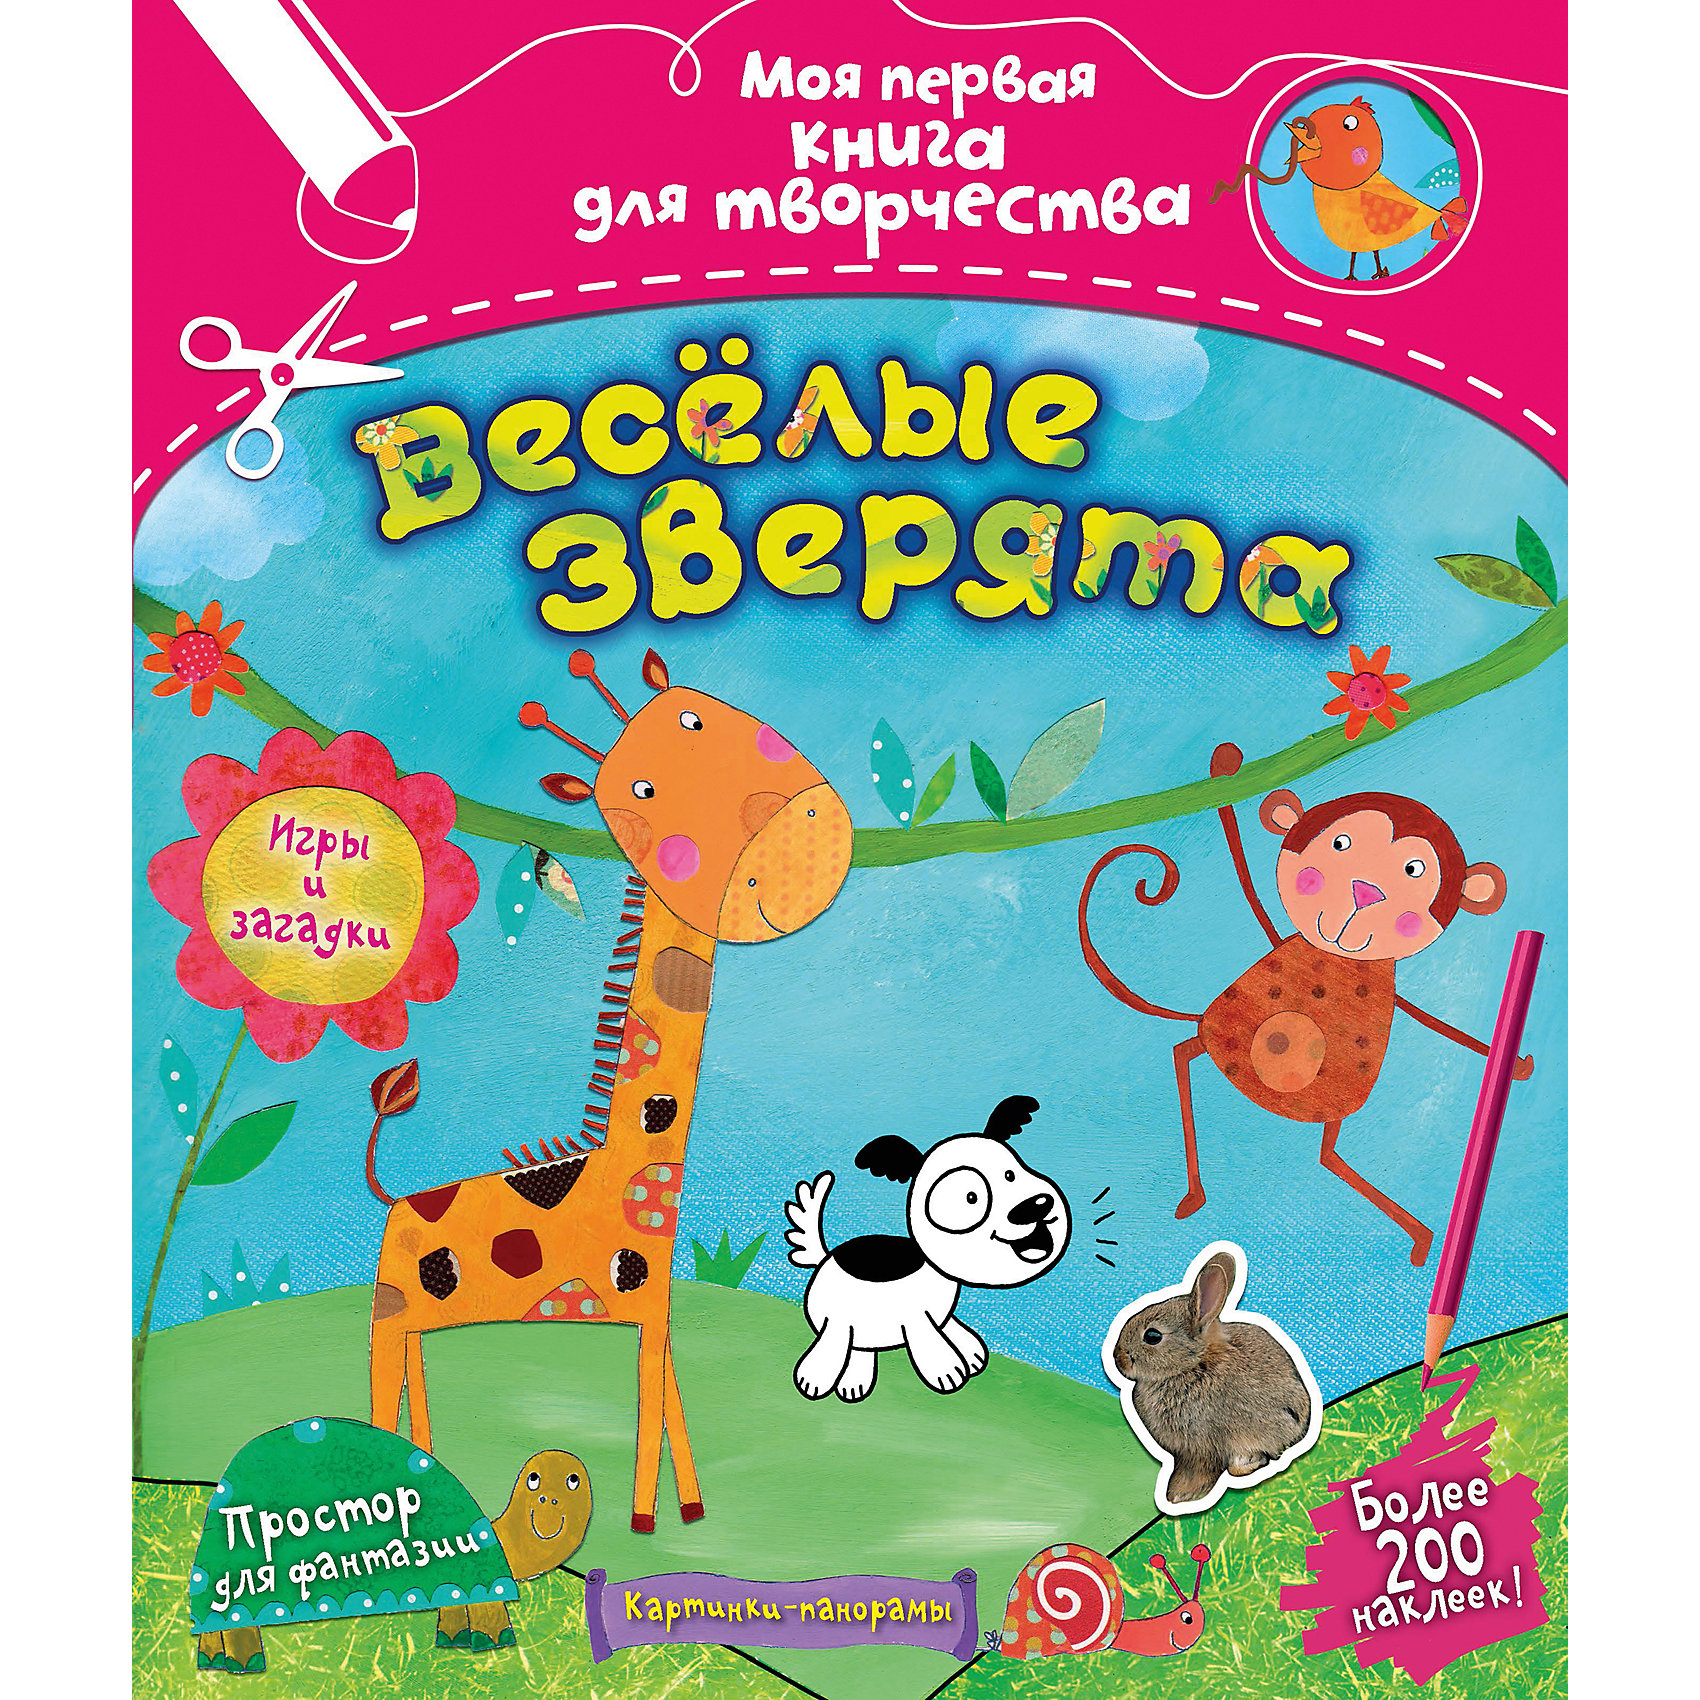 Книга с наклейками Весёлые зверятаКнижки с наклейками<br>Все дети любят животных, и эта книга - настоящий подарок для них. На страницах книги можно рисовать зверят, раскрашивать их, считать, играть с ними, мастерить маски... Да много всего! Малыш получит огромное удовольствие! Кроме того, эти увлекательные занятия помогут развить моторику, внимание, память и творческий потенциал ребёнка. <br><br>Открывай книжку – и рисуй, вырезай, наклеивай, играй!<br>Весёлые зверята ждут тебя!<br><br>В книжку входят:<br>Много наклеек,<br>Картинки-панорамы,<br>Игры-головоломки<br><br>Дополнительная информация:<br><br>Серия: Моя первая книга для творчества<br>Формат: 27 х 23 см .<br>Объем: 56 стр.<br><br>Книгу с наклейками Весёлые зверята можно купить в нашем магазине.<br><br>Ширина мм: 270<br>Глубина мм: 216<br>Высота мм: 15<br>Вес г: 383<br>Возраст от месяцев: 12<br>Возраст до месяцев: 36<br>Пол: Унисекс<br>Возраст: Детский<br>SKU: 4354926